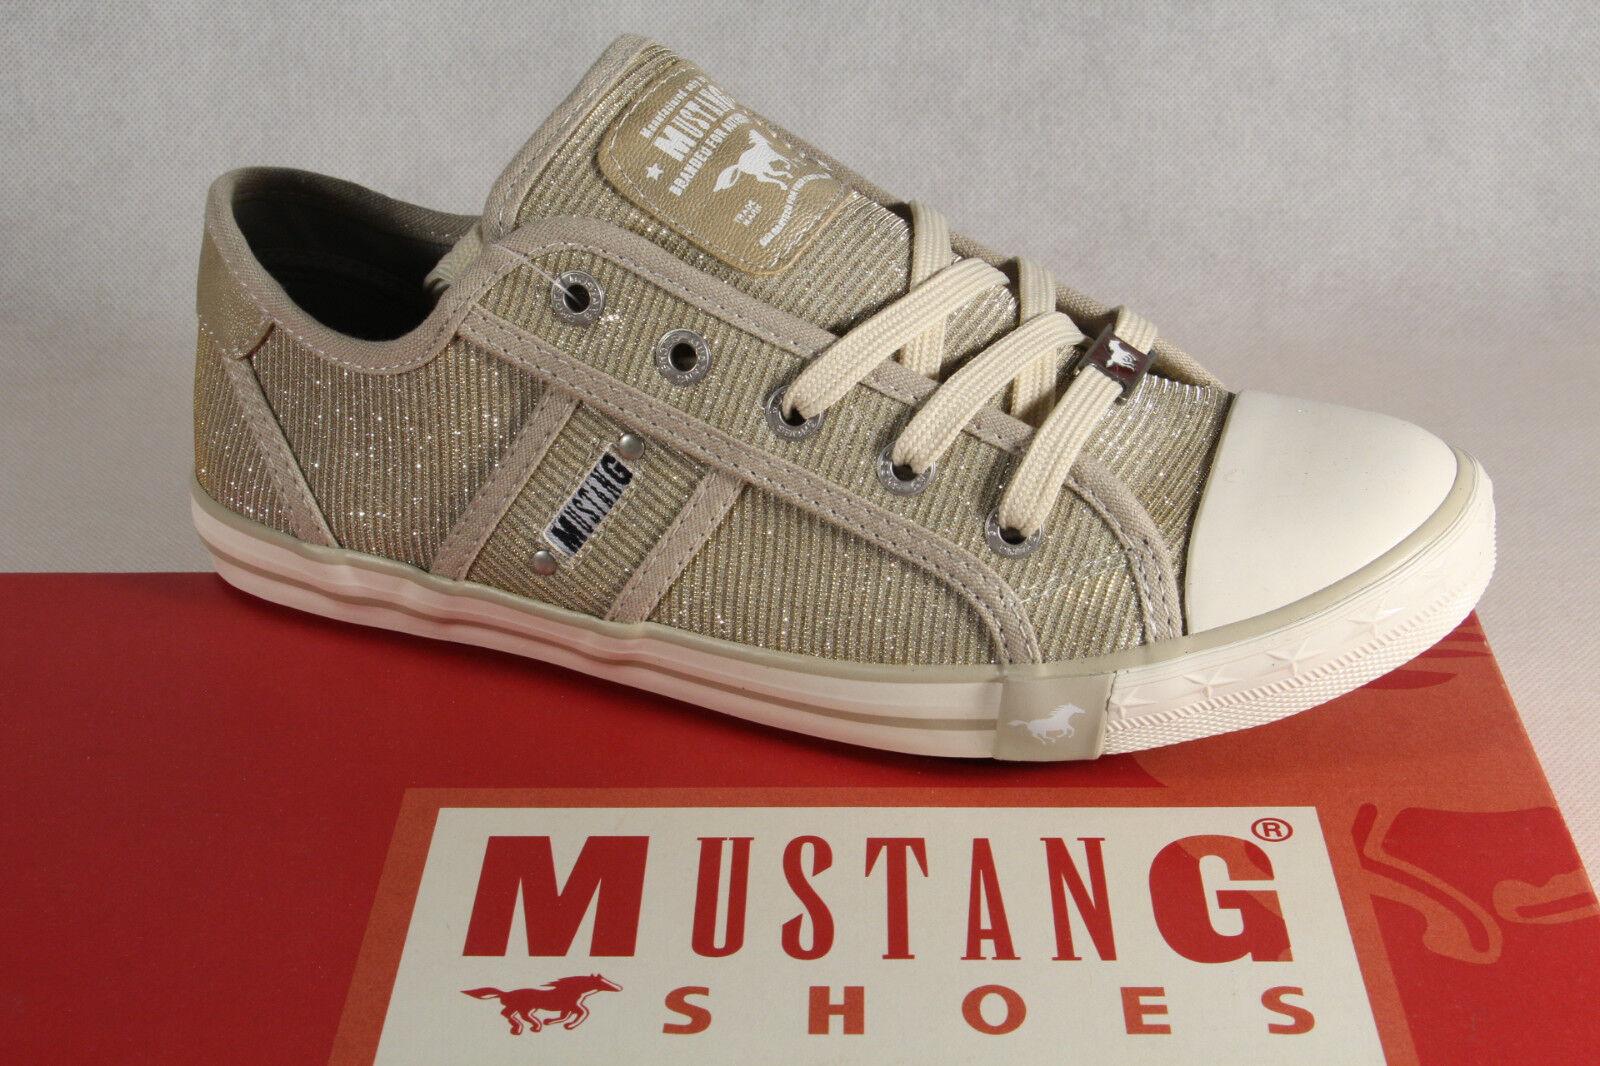 Mustang Zapatos de Cordones Zapatillas Zapatillas Zapatillas Deportivos Abotinados Beige   Plata Nuevo  el estilo clásico